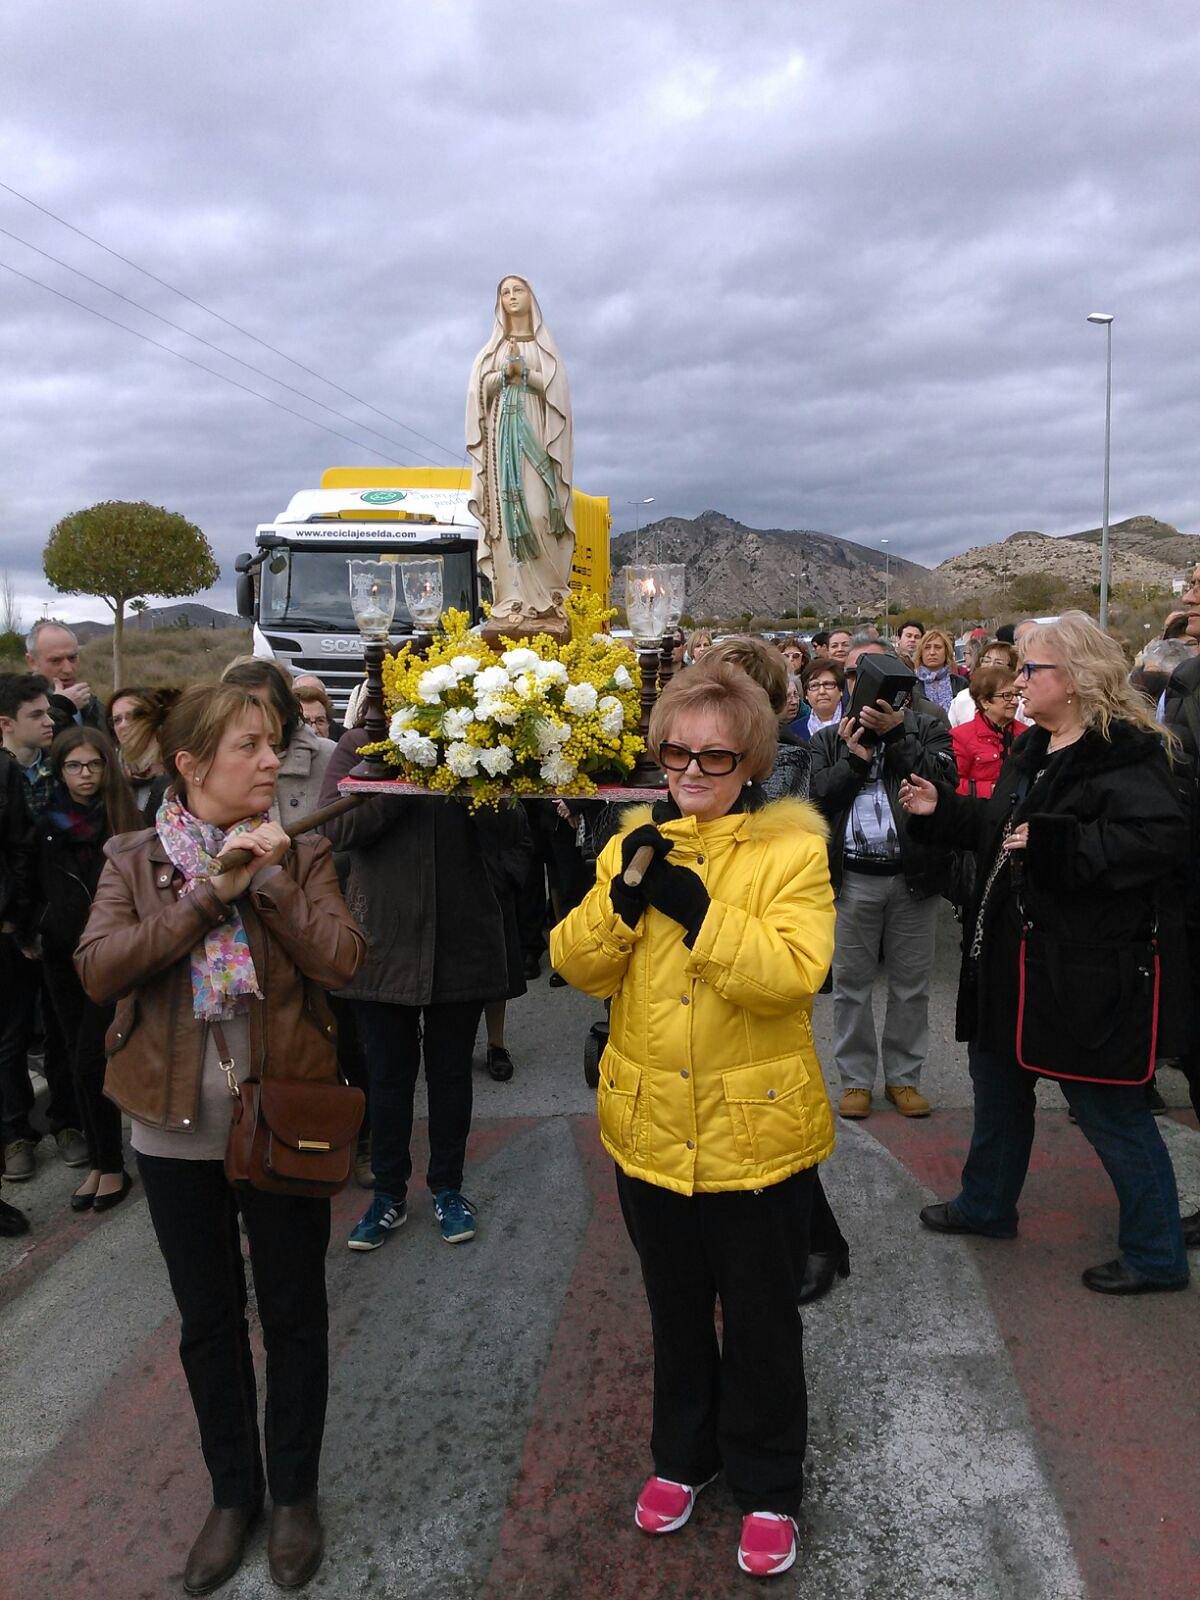 (2016-02-13) - Inauguración Virgen de Lourdes, La Molineta - Pascual Serrano (08)